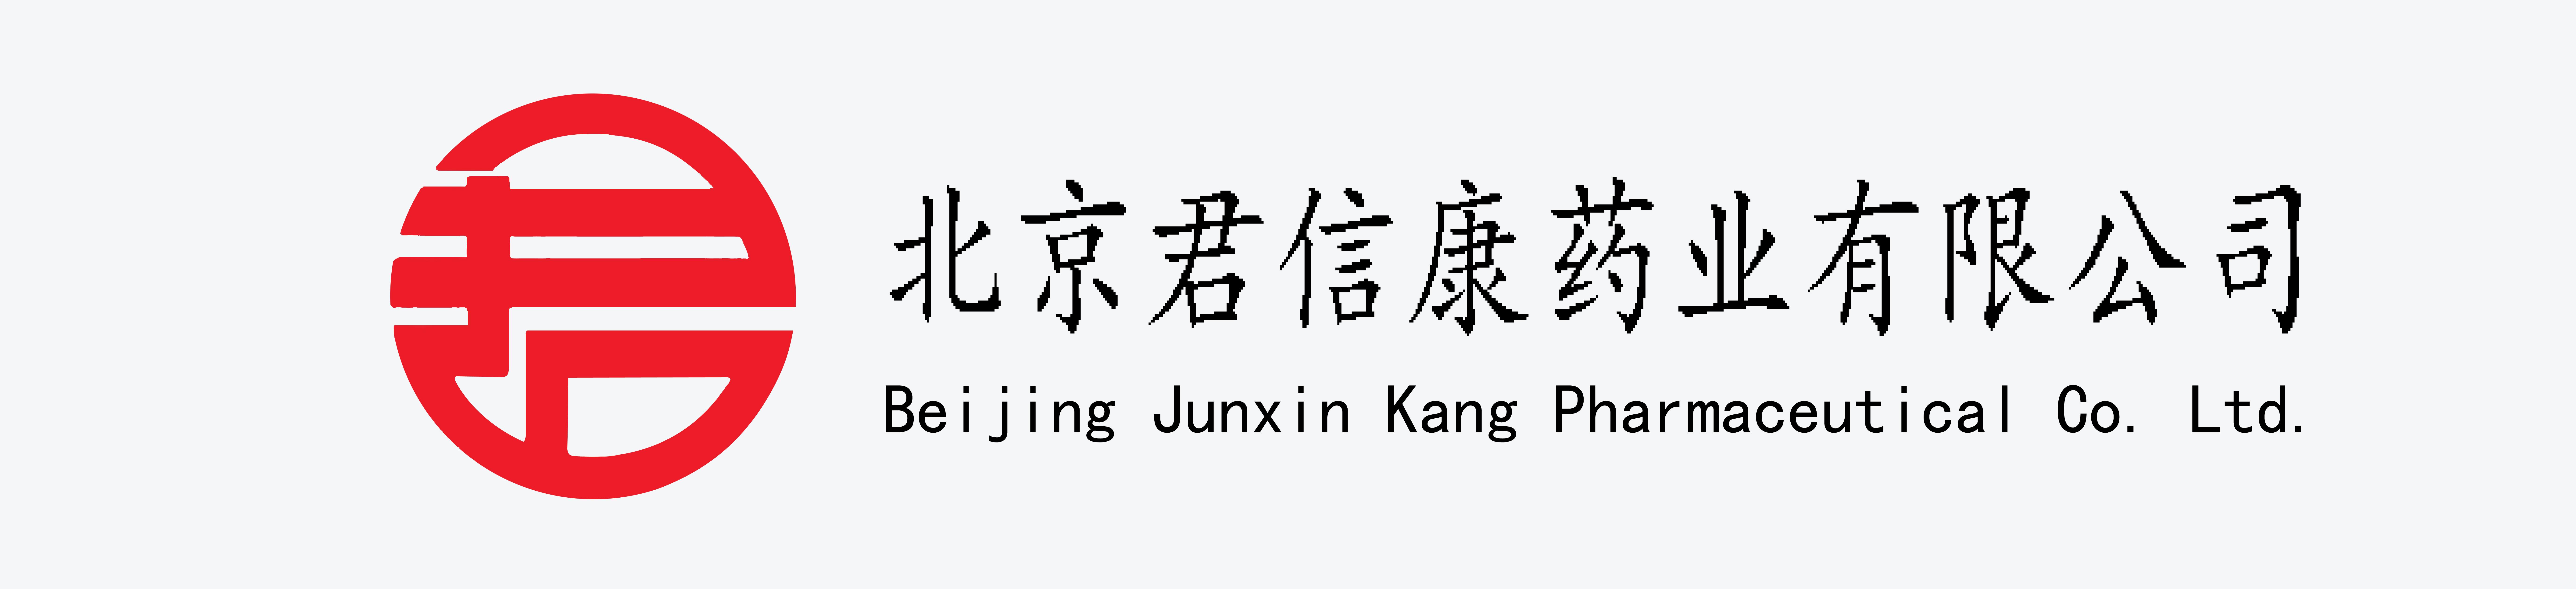 北京君信康药业有限澳门真人赌场